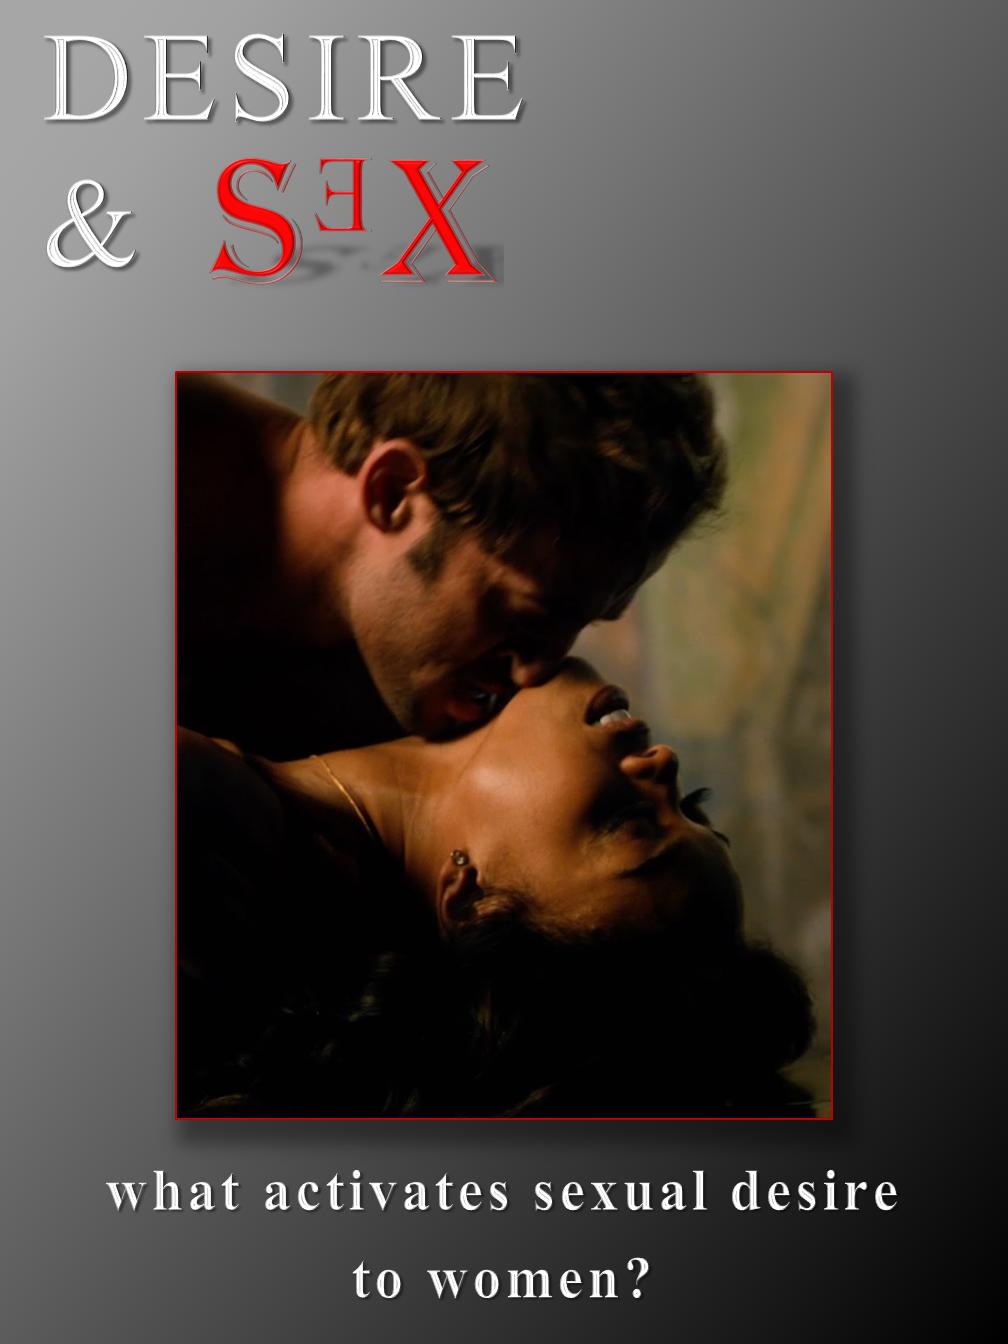 Desire & S3X